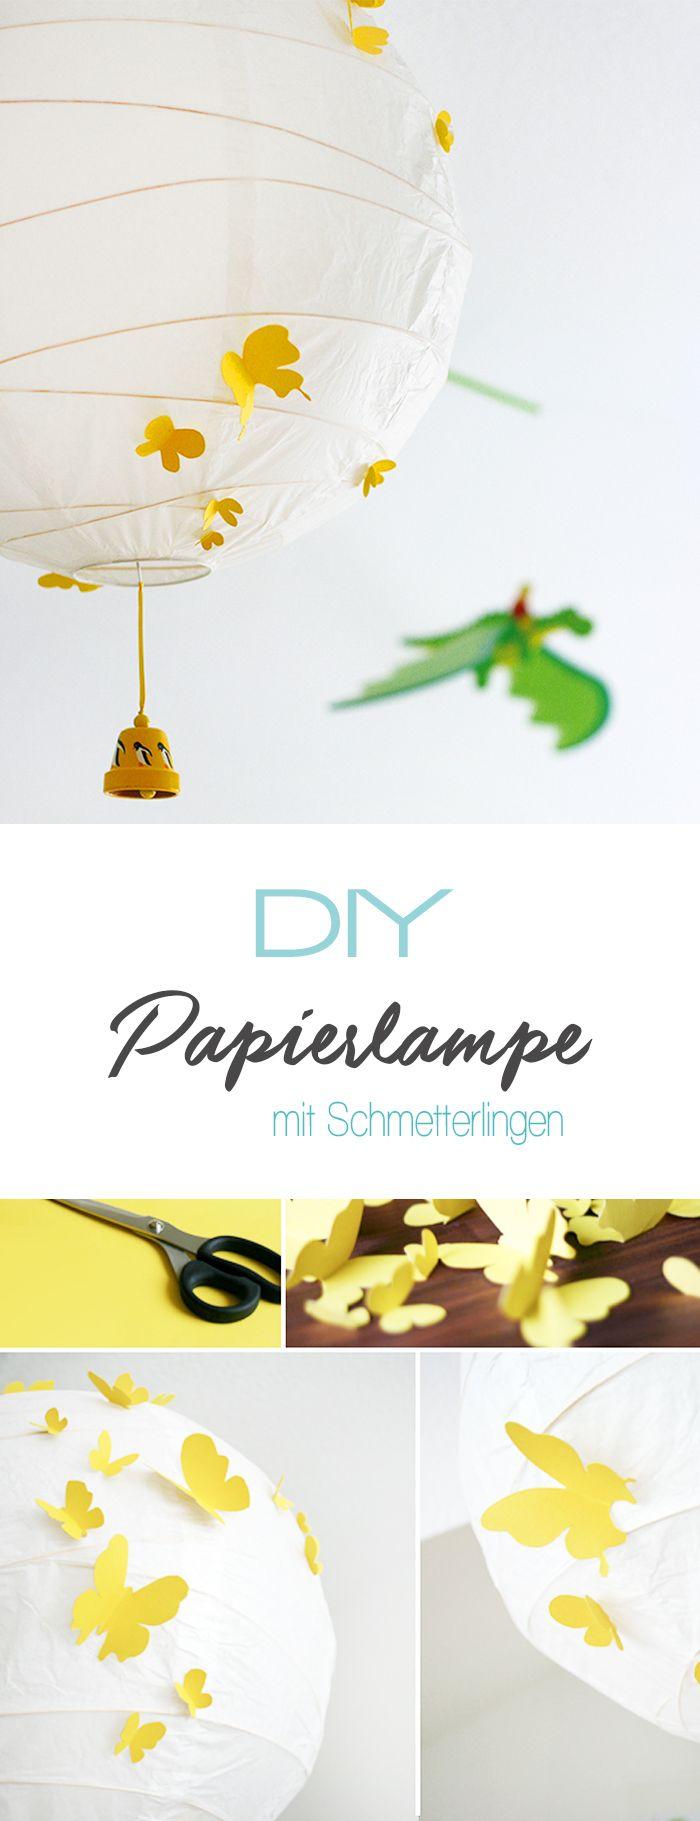 Ampoule laureen luhn design graphique - Dani Von Gingered Things Zeigt Euch Wie Ihr Ganz Einfach Aus Einer Ikea Papierlampe Und Papier